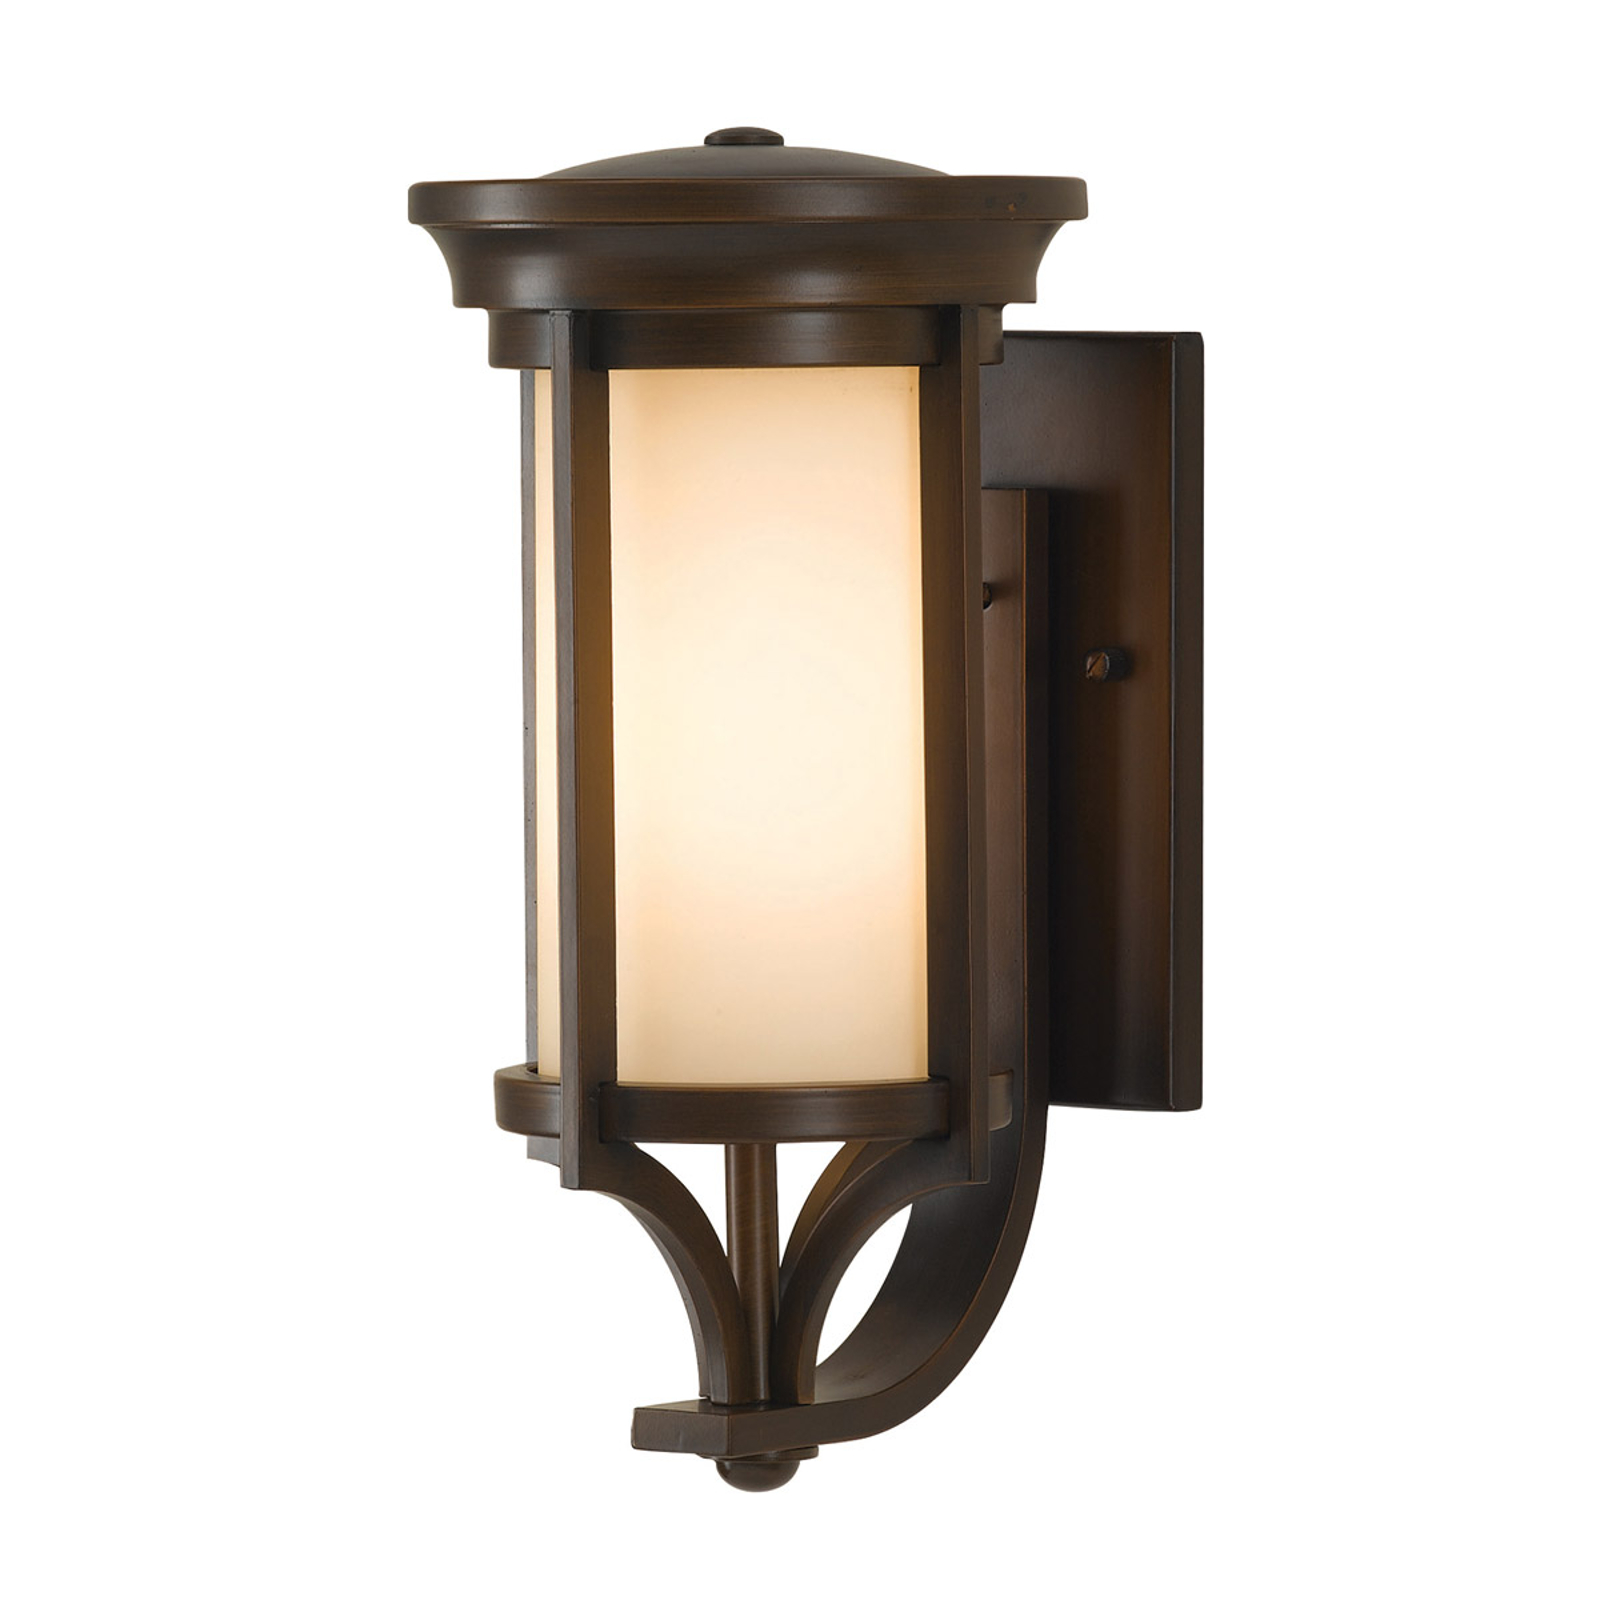 Buitenwandlamp Merrill in brons